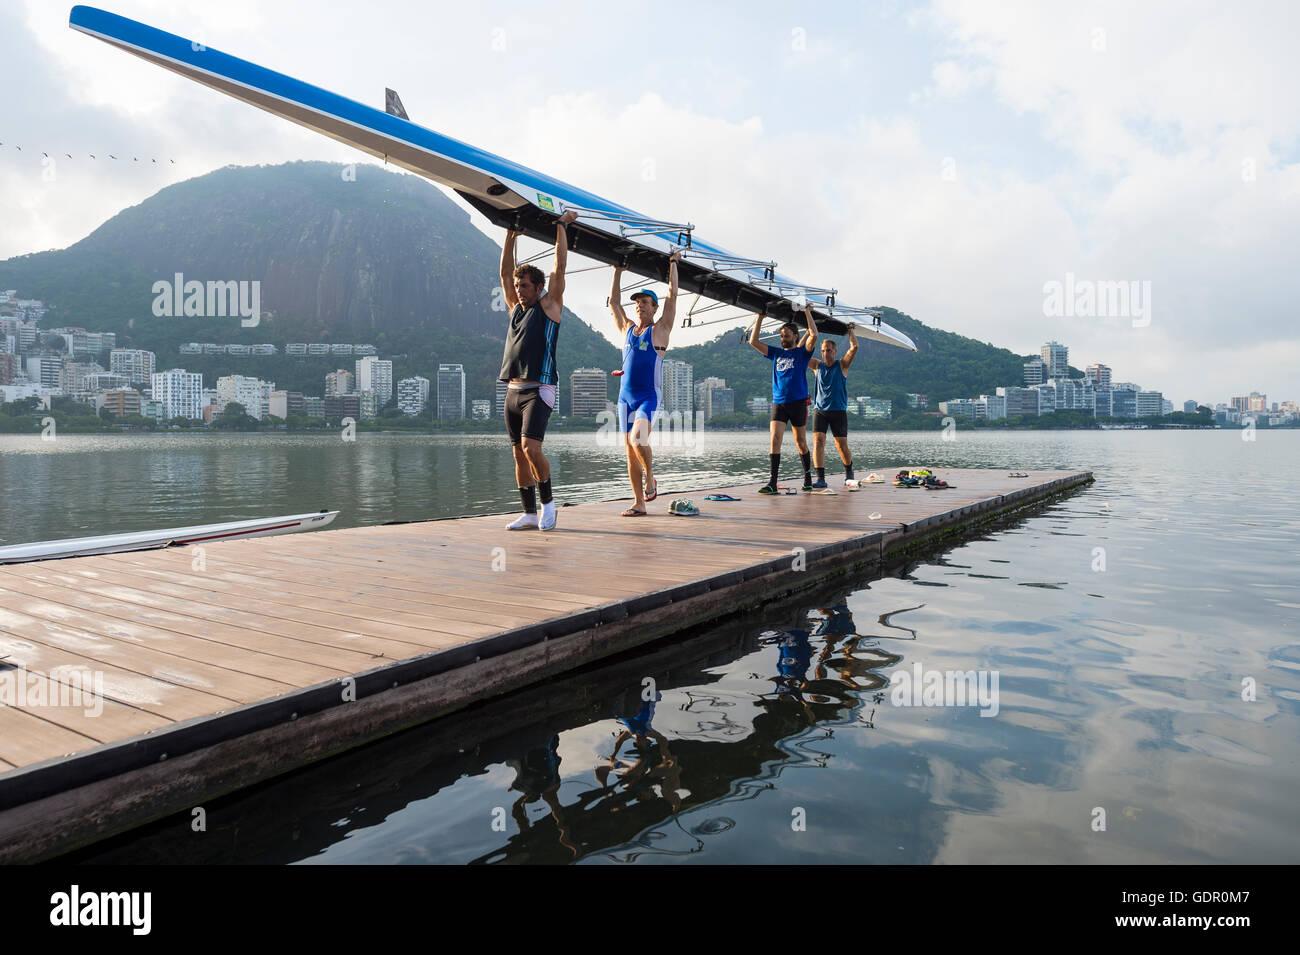 RIO DE JANEIRO - 1 avril 2016: Les membres de l'Aviron Club Vasco da Gama transporter leur bateau dans le clubhouse Banque D'Images